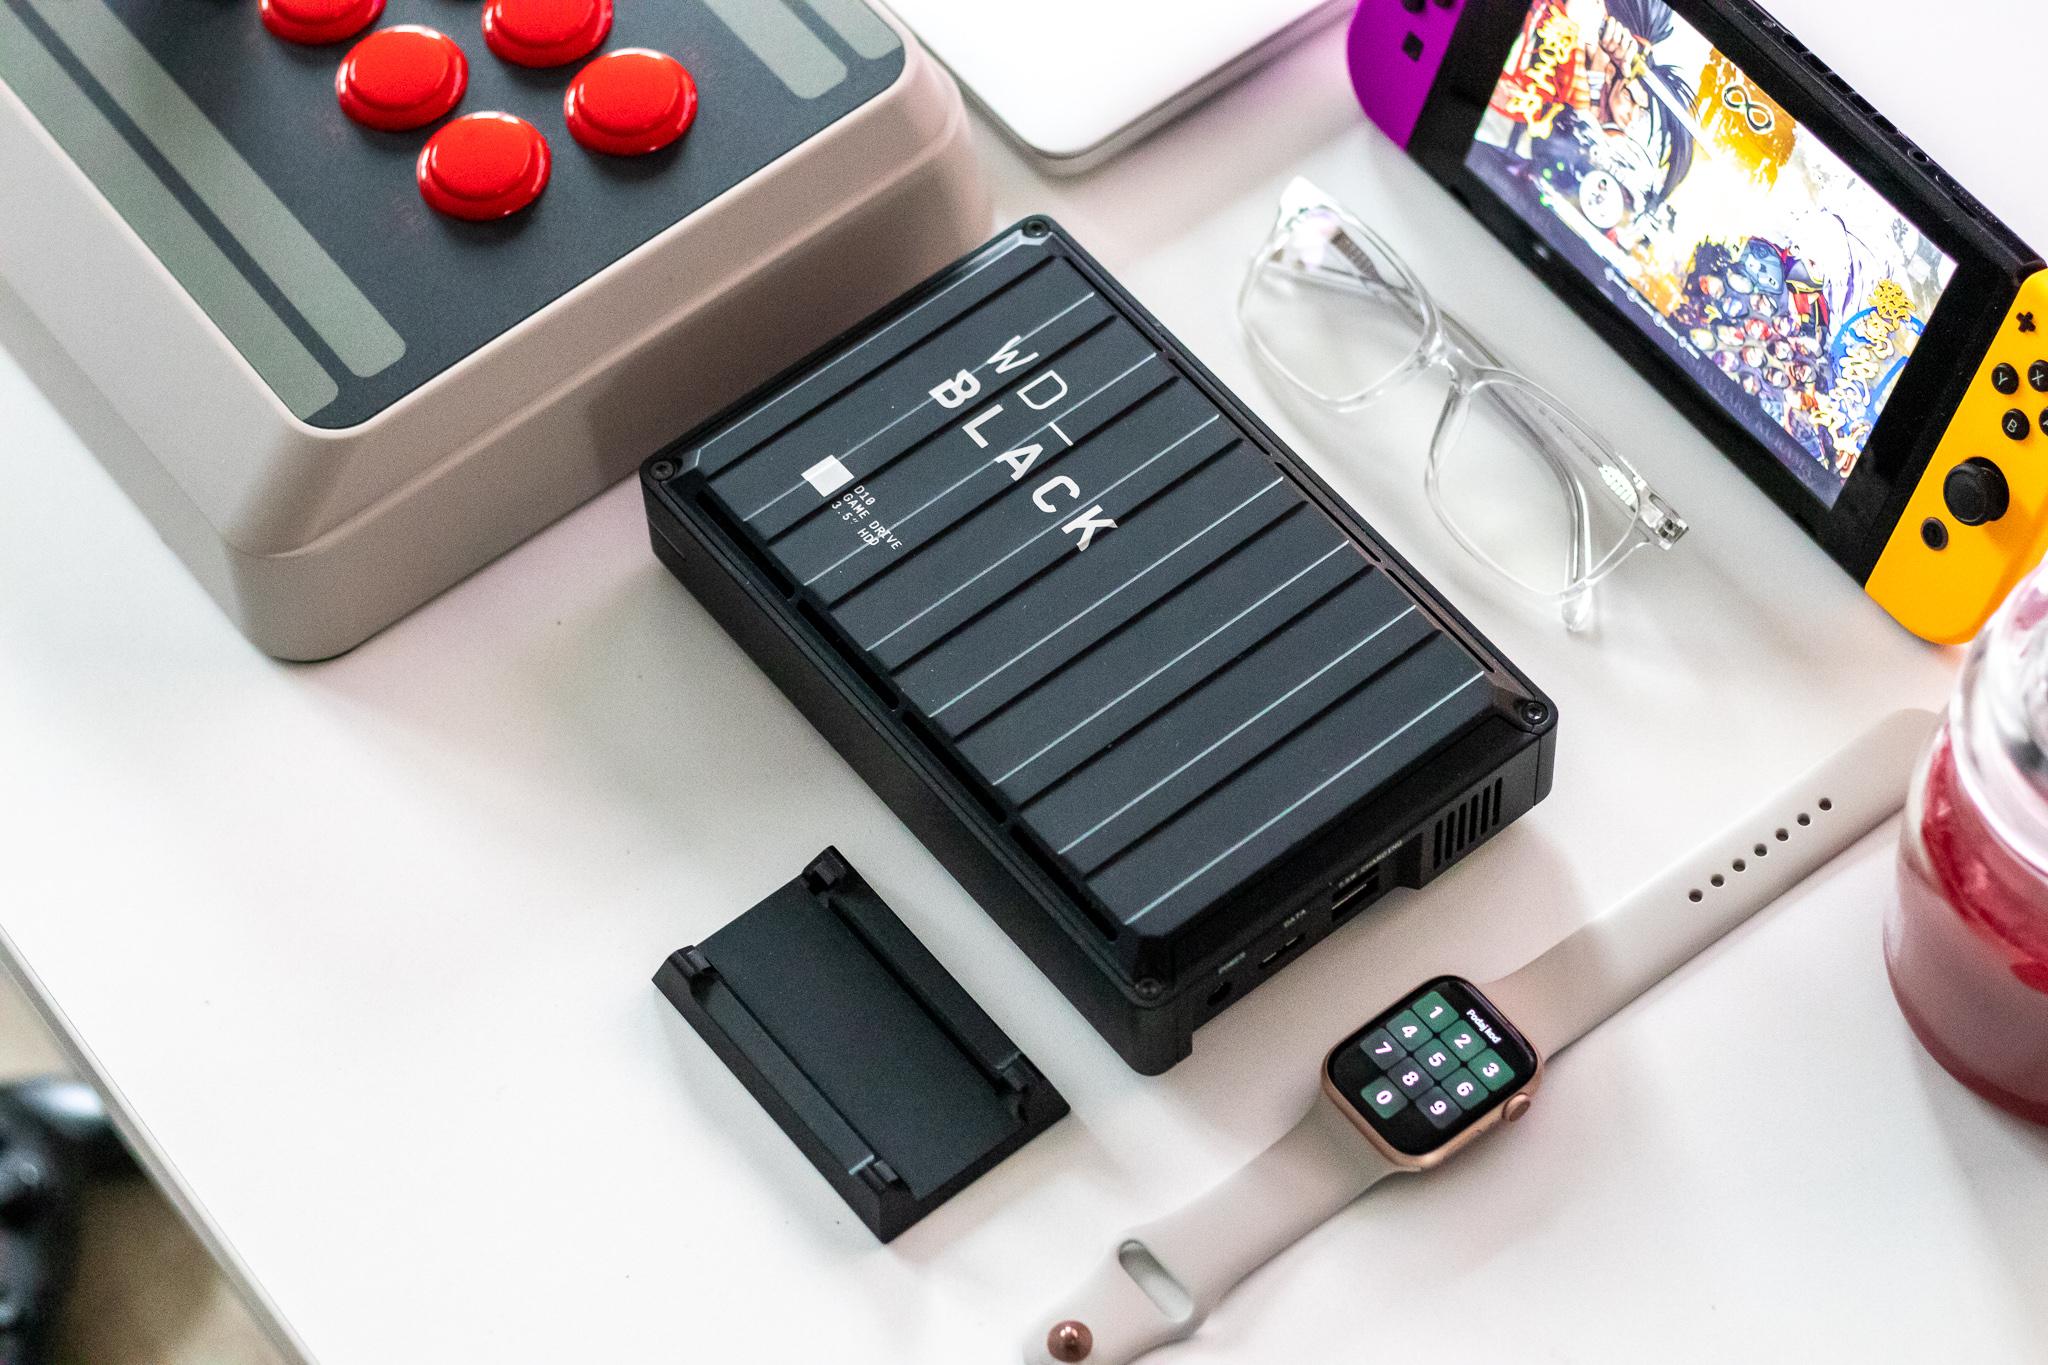 Maitasunetik kanpo egiten dena.  WD Black D10 Game Drive nire PS4 Pro-ri egin nion onena da